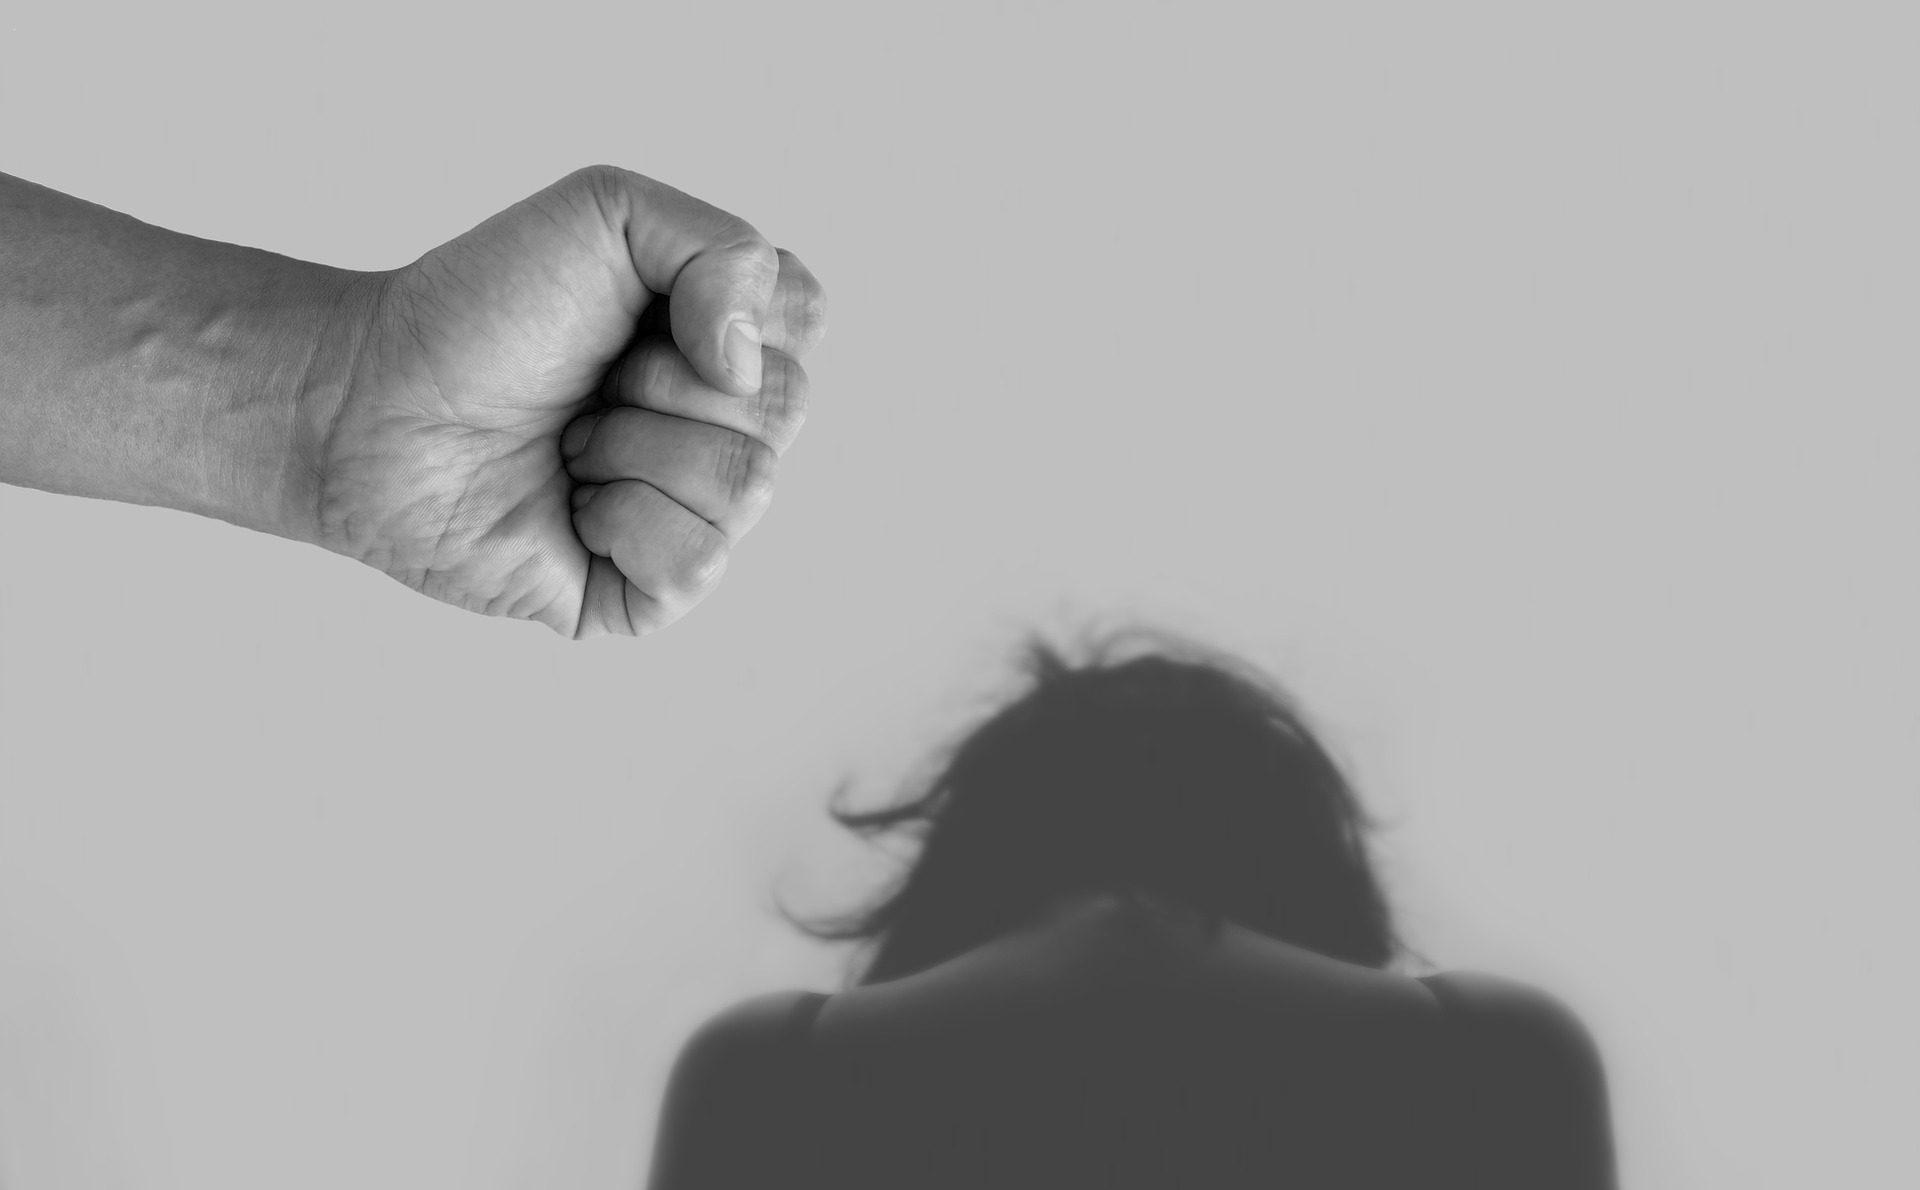 Ραγδαία αύξηση της οικογενειακής βίας λόγω καραντίνας